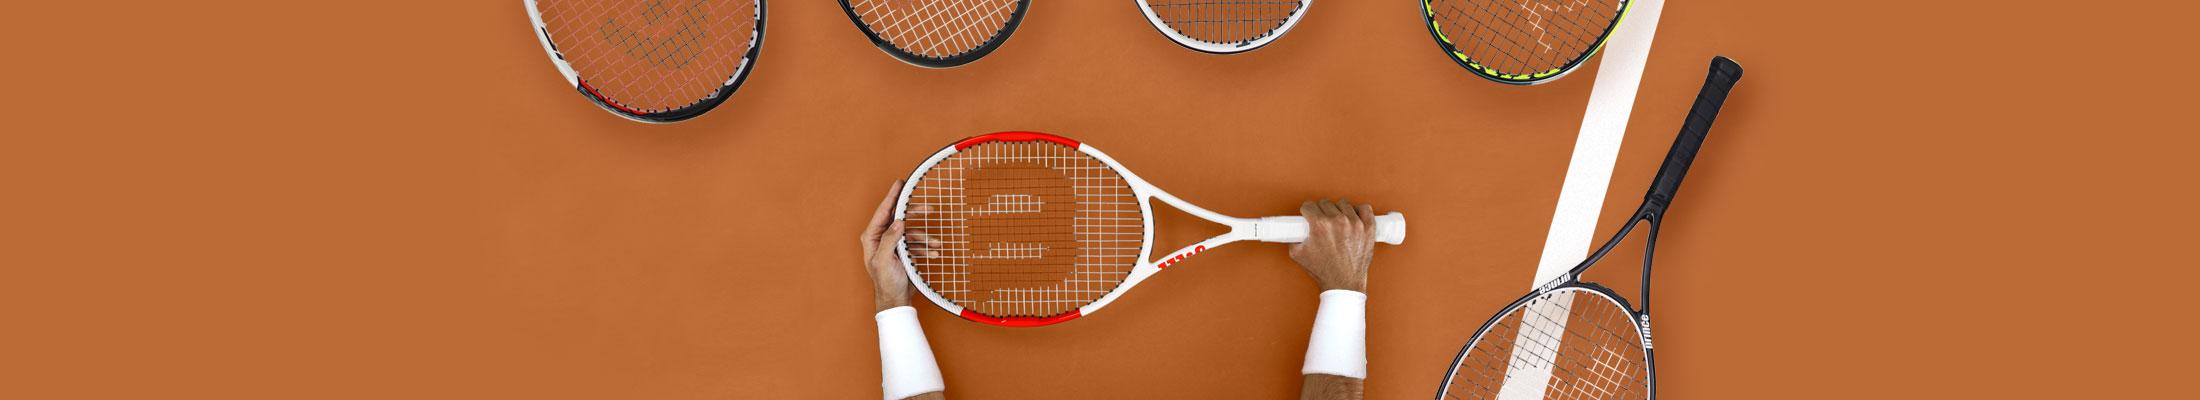 Scegli la tua Racchetta da Tennis